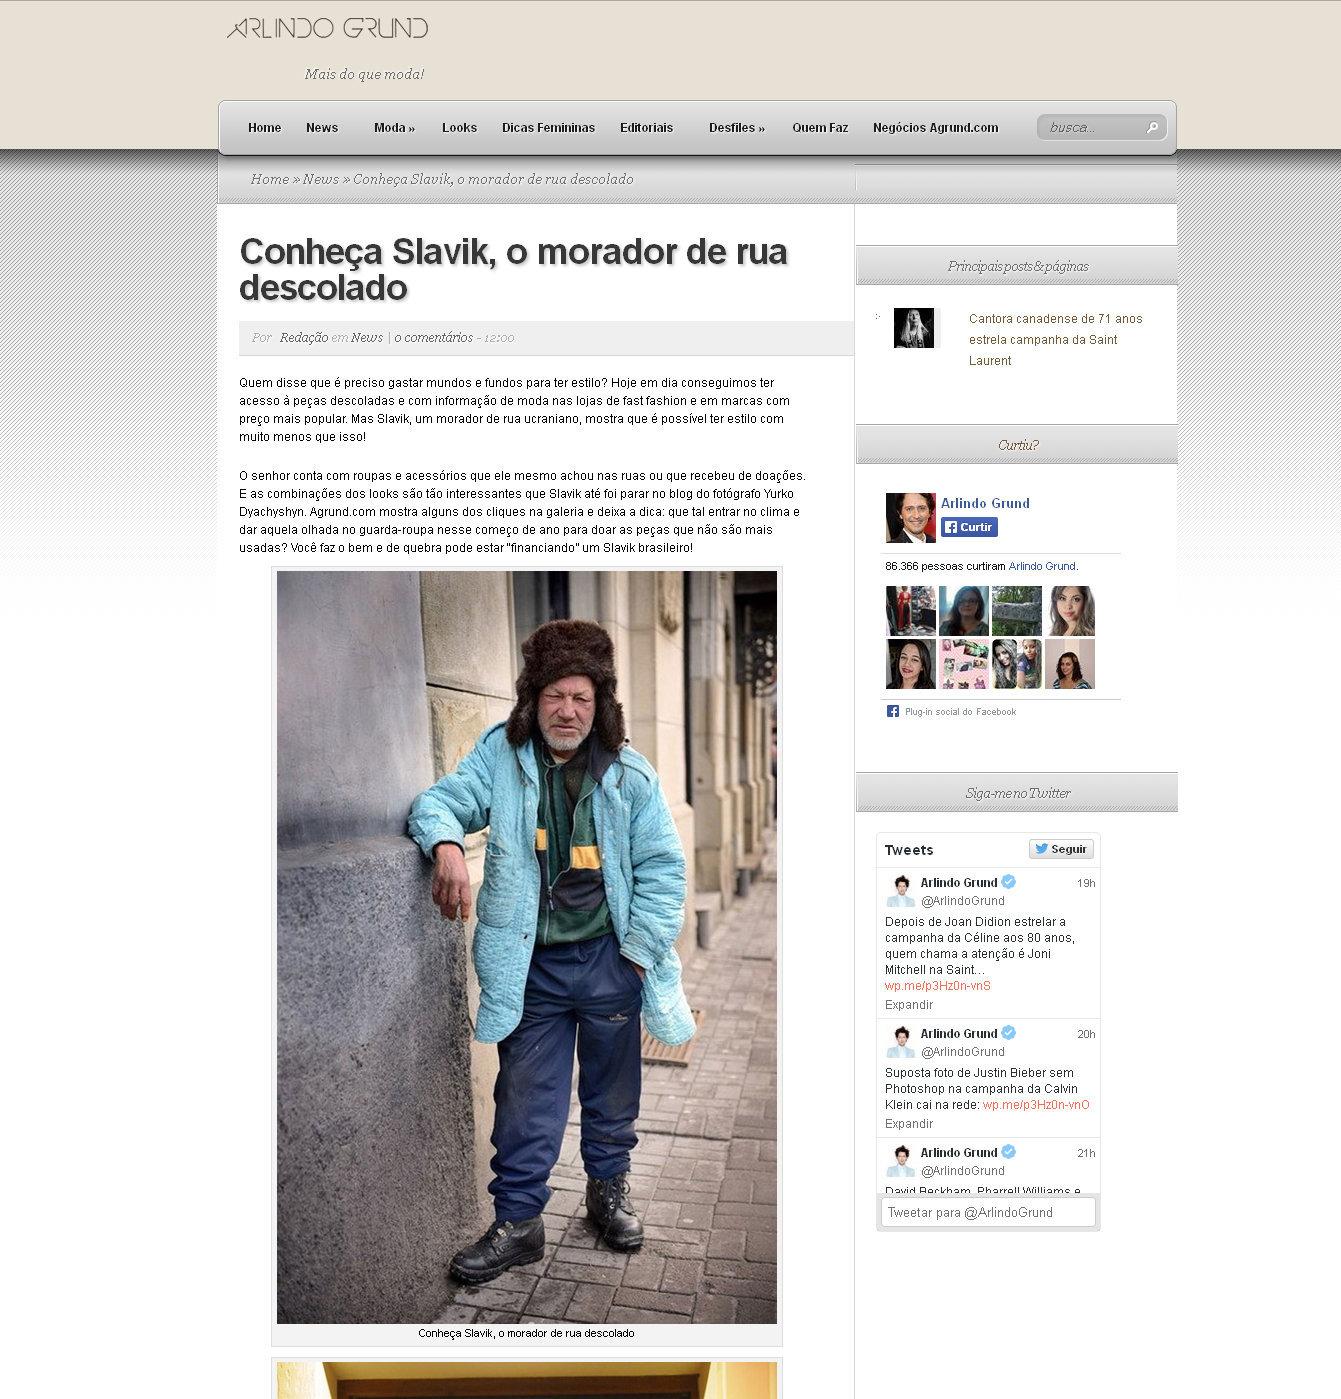 agrund_com.jpg